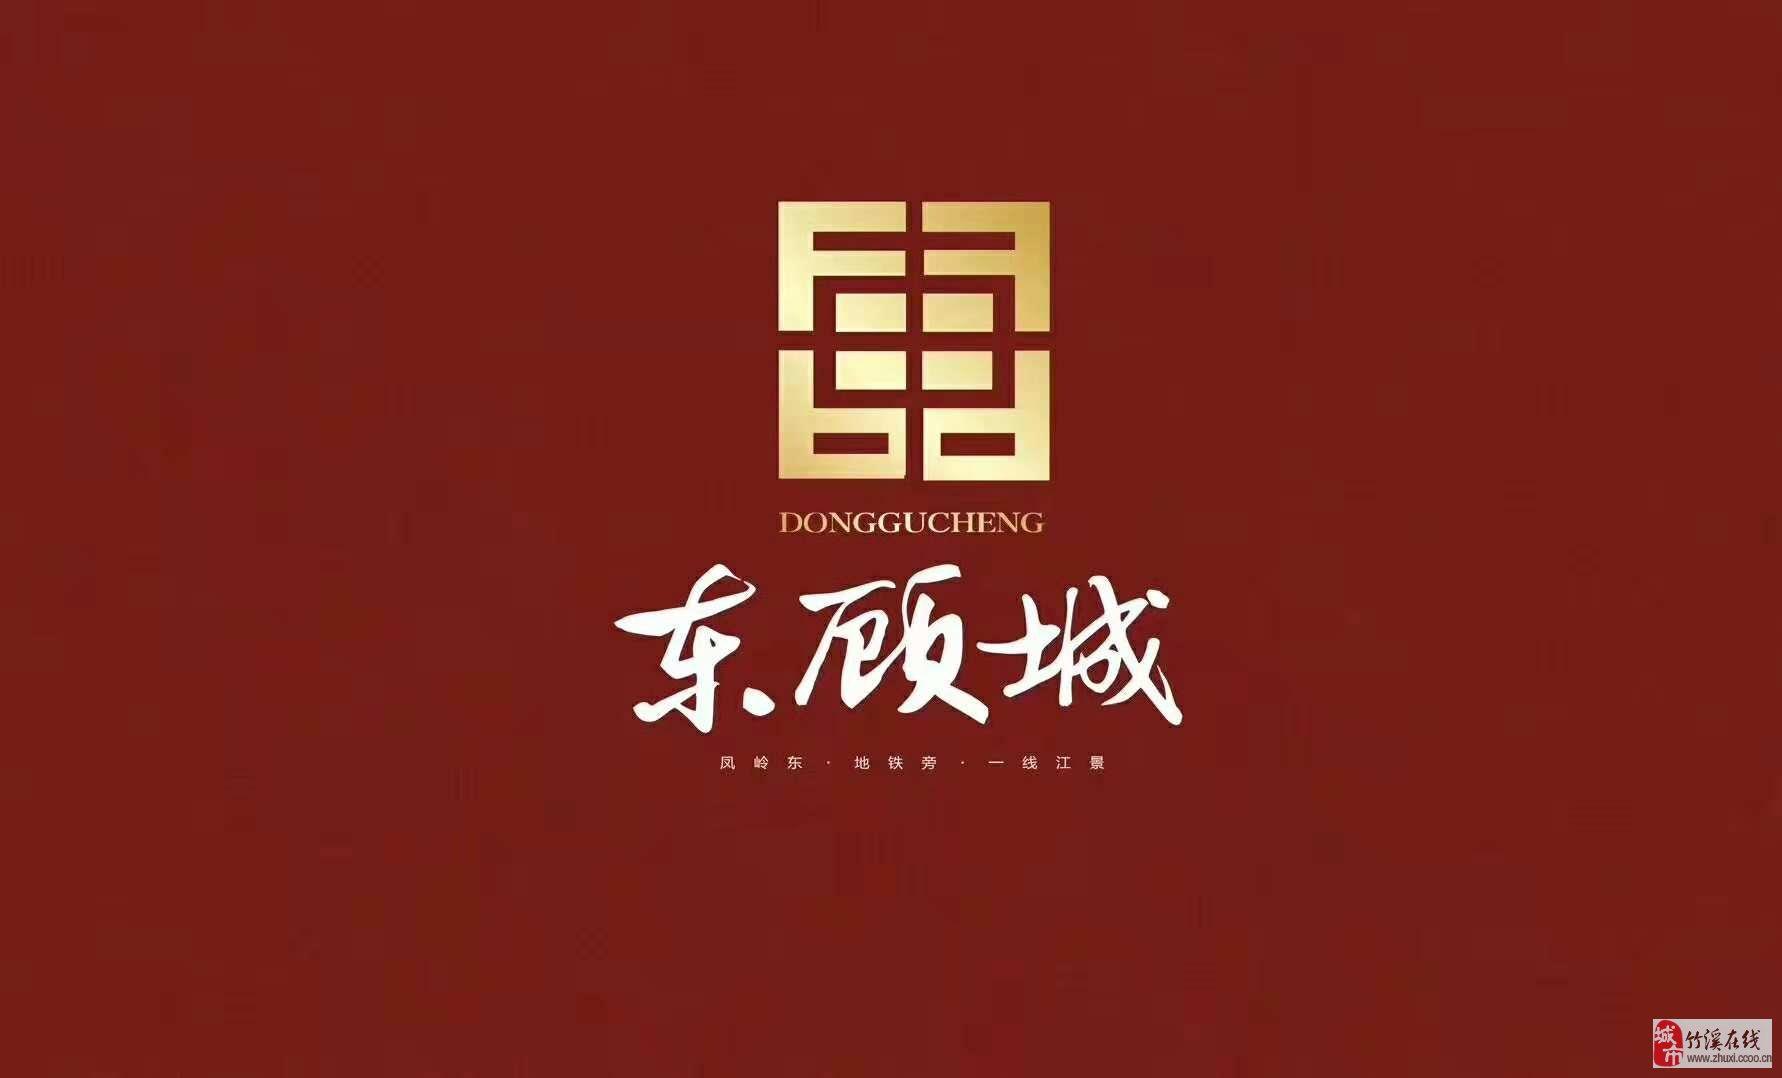 南宁东顾城是什么性质的?可以办理房产证嘛?